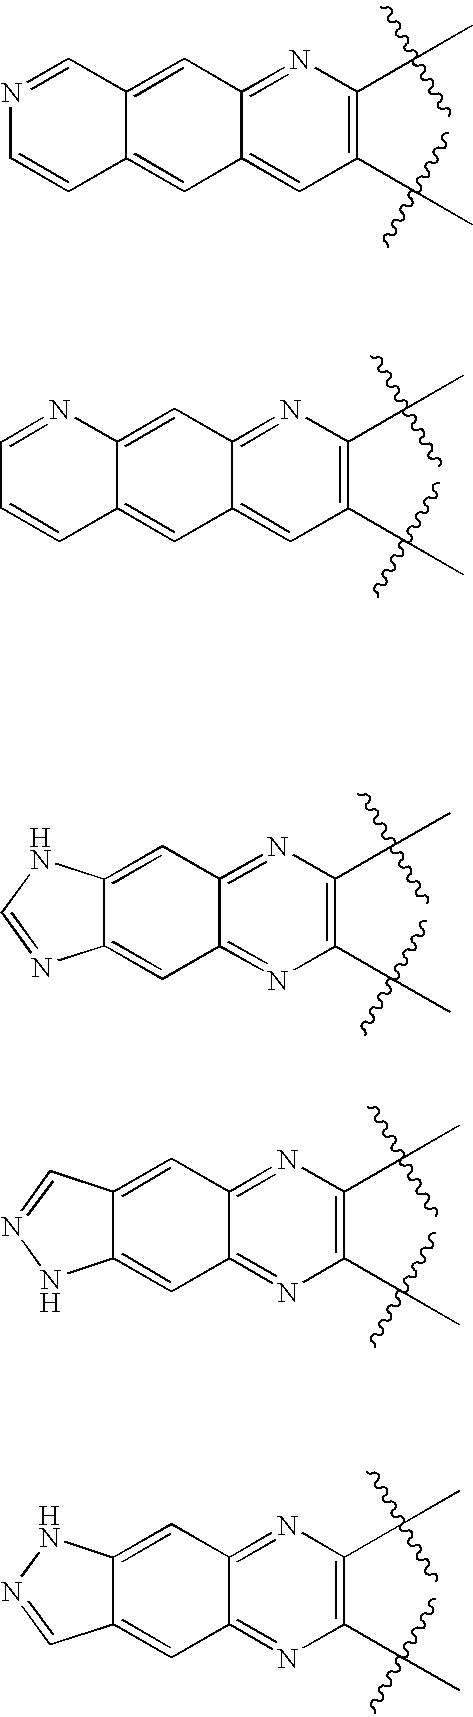 Figure US20040102360A1-20040527-C00034